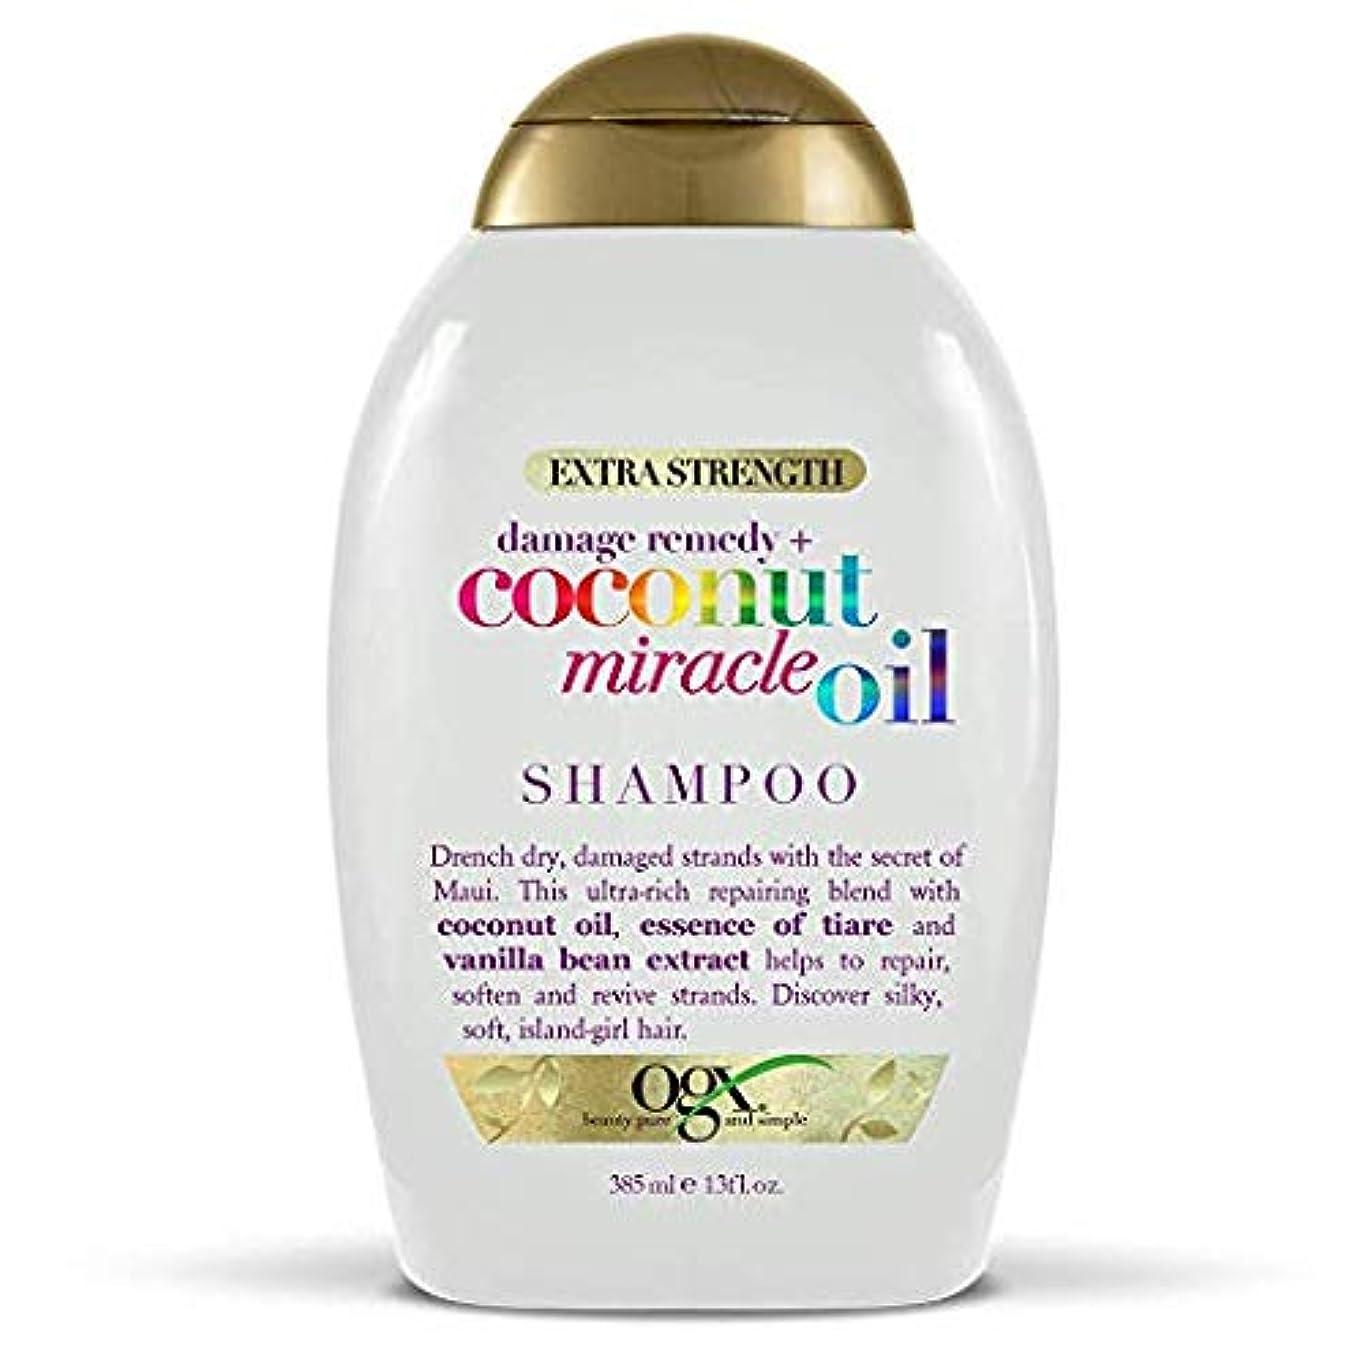 生きるが欲しい摘むOgx Shampoo Coconut Miracle Oil Extra Strength 13oz OGX ココナッツミラクルオイル エクストラストレングス シャンプー 385ml [並行輸入品]